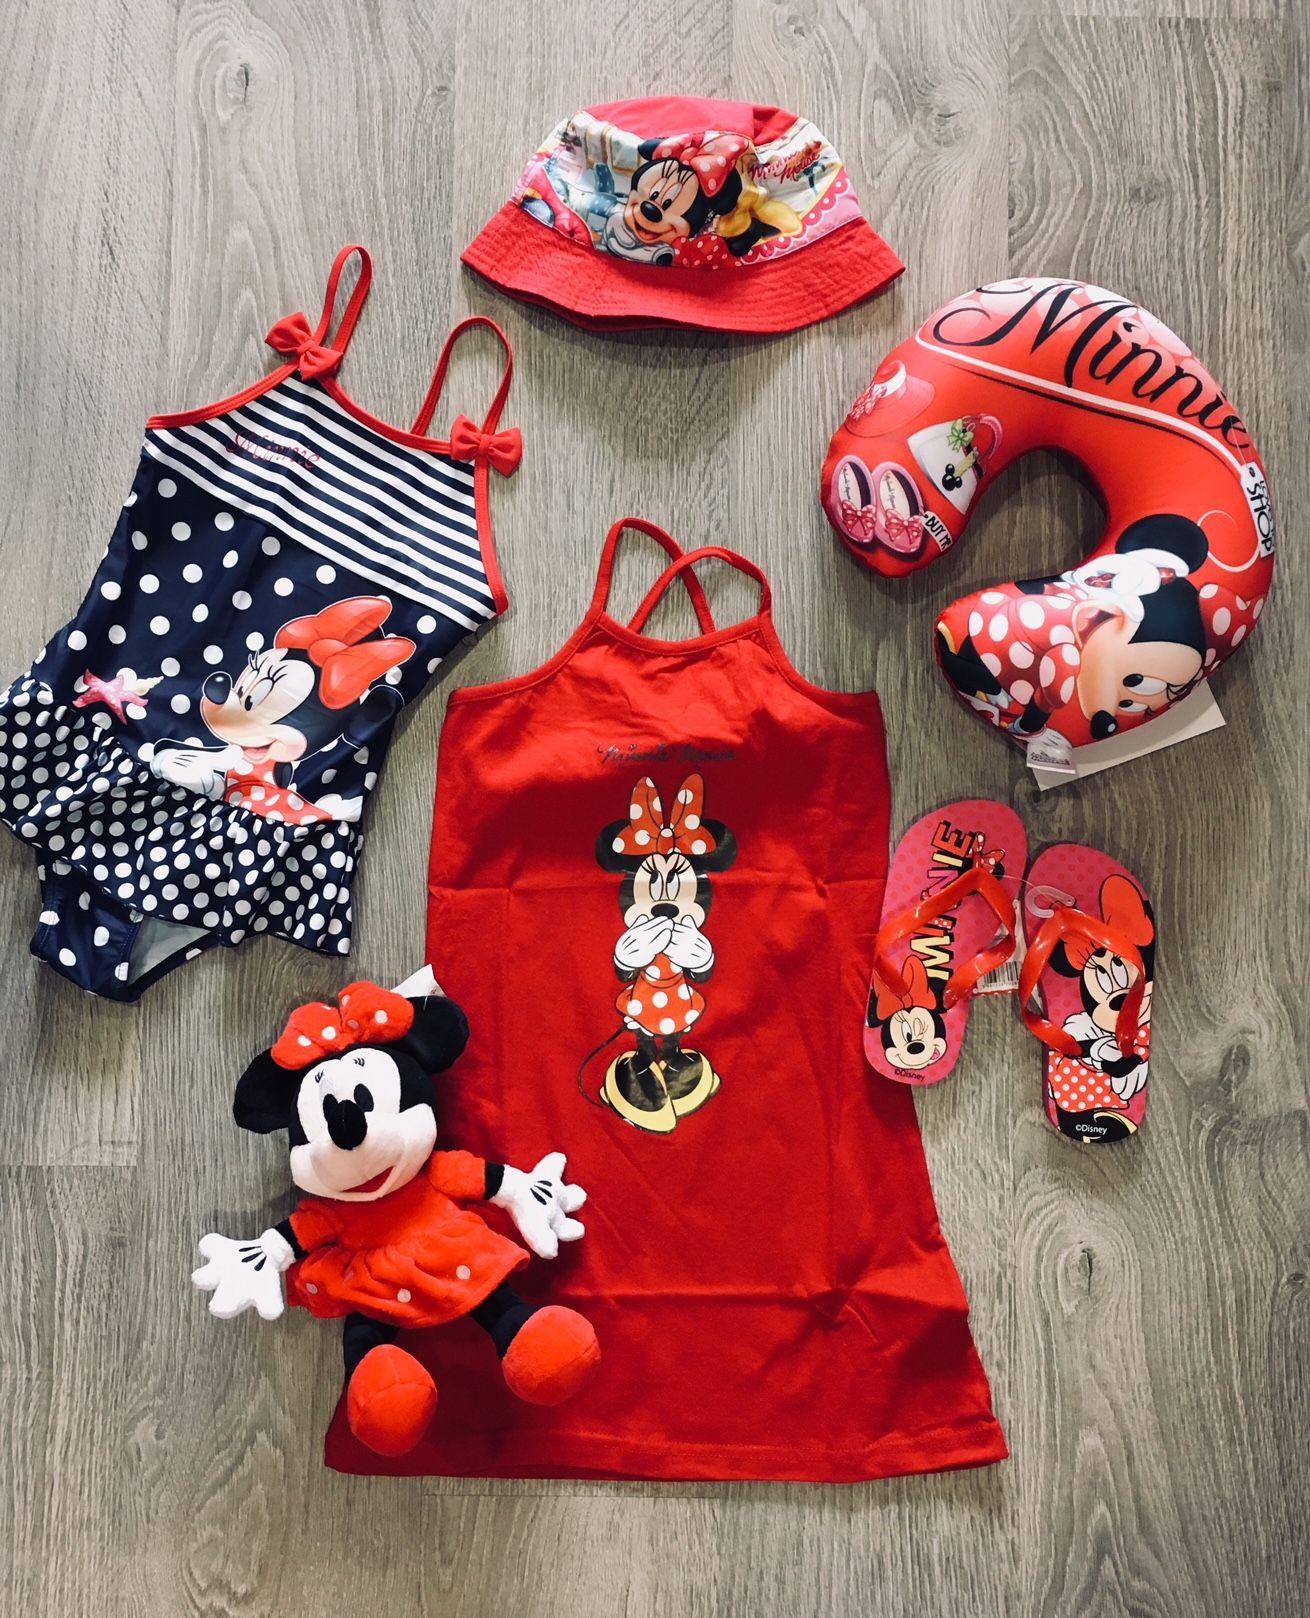 241fc0ffc9fa úžastné dievčenské šaty Minnie mouse